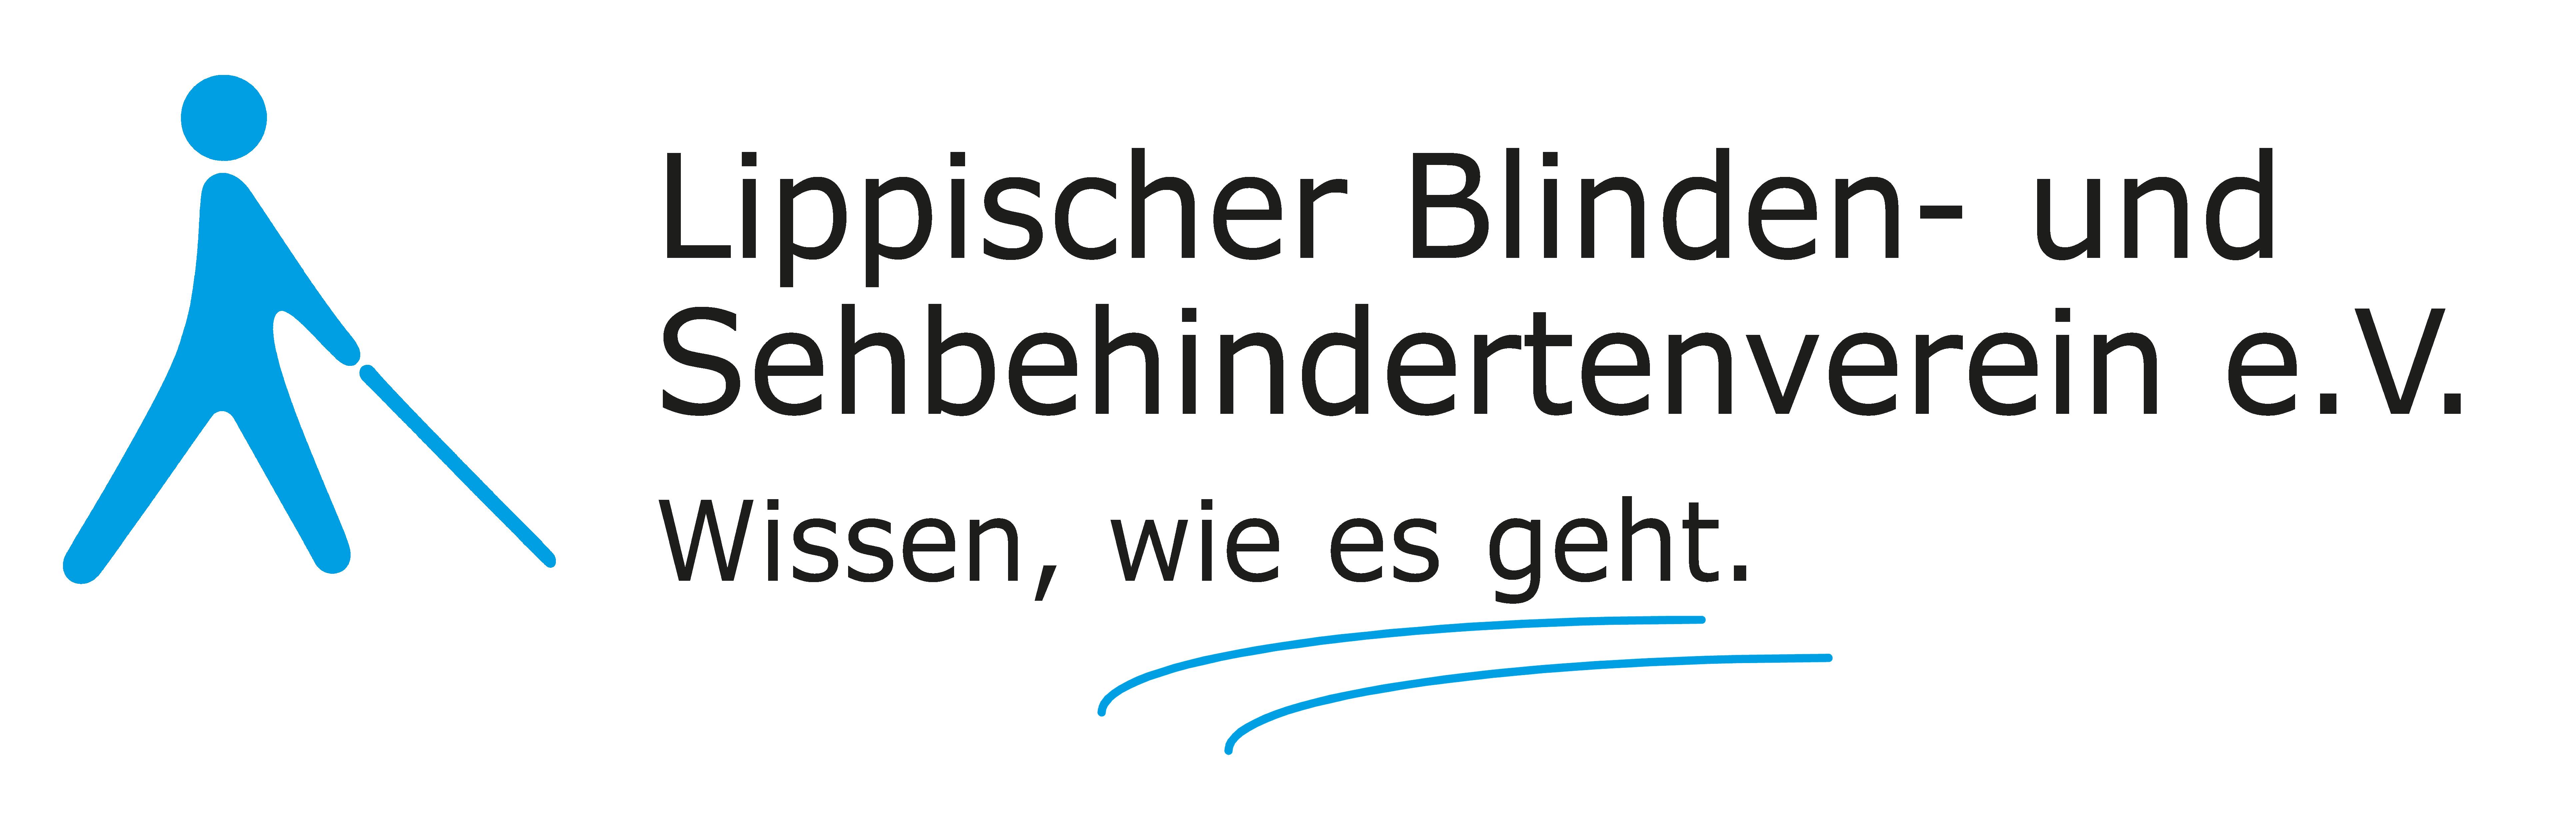 Lippischer Blinden- und Sehbehindertenverein Logo